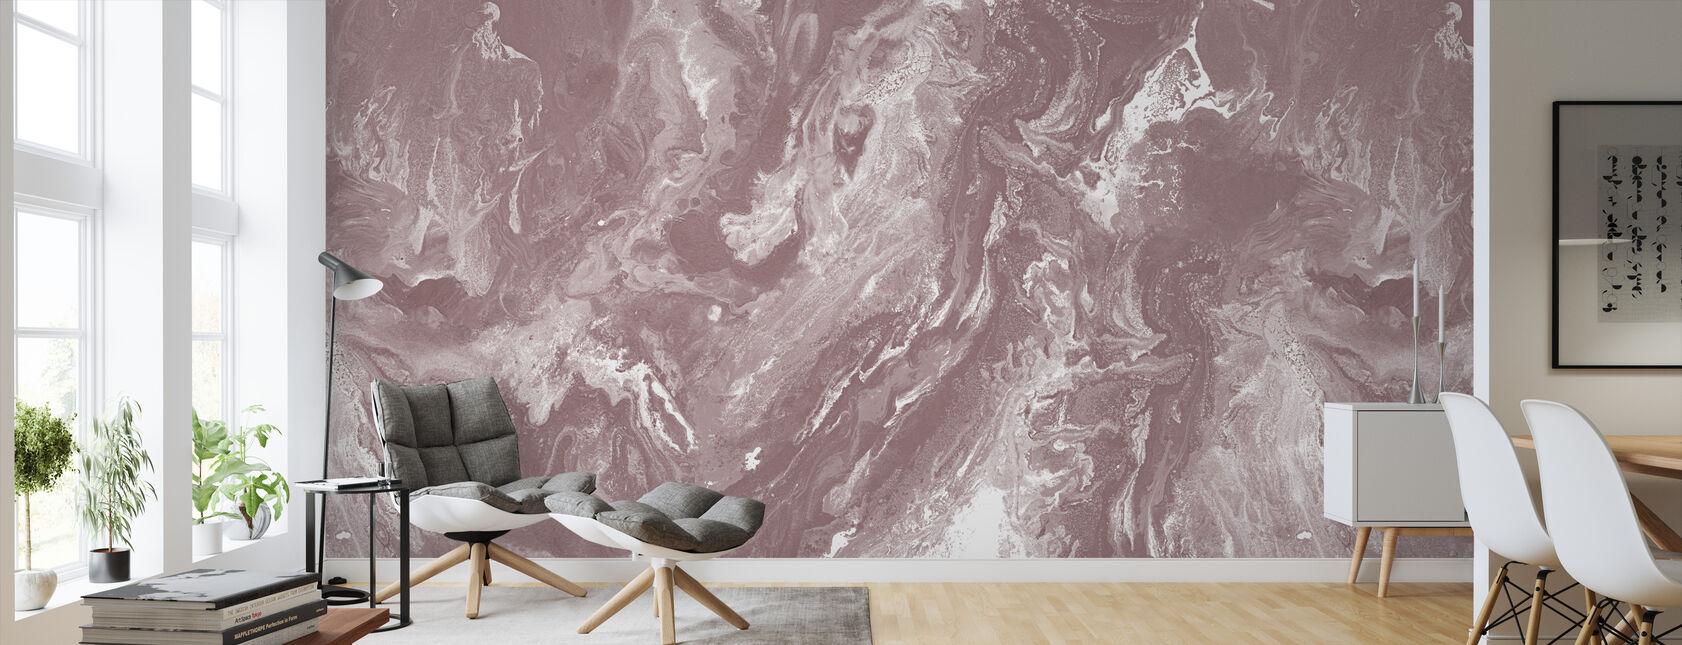 Brume - Old Blush - Wallpaper - Living Room